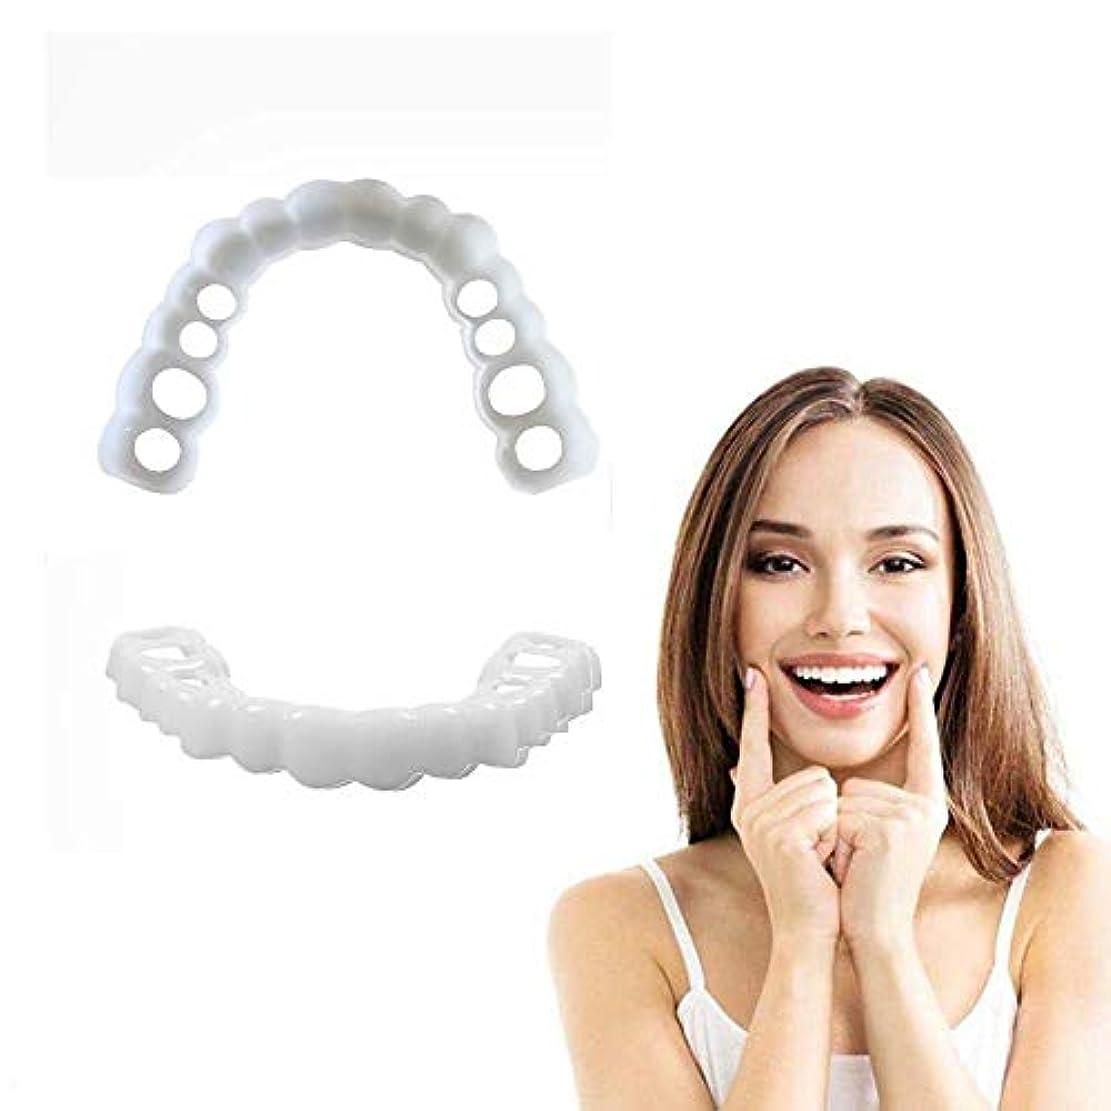 外観ディスコ船外2対の歯義歯歯用化粧品テンポラリースマイルコンフォートフィット化粧品用義歯(ホワイト),7Pairs